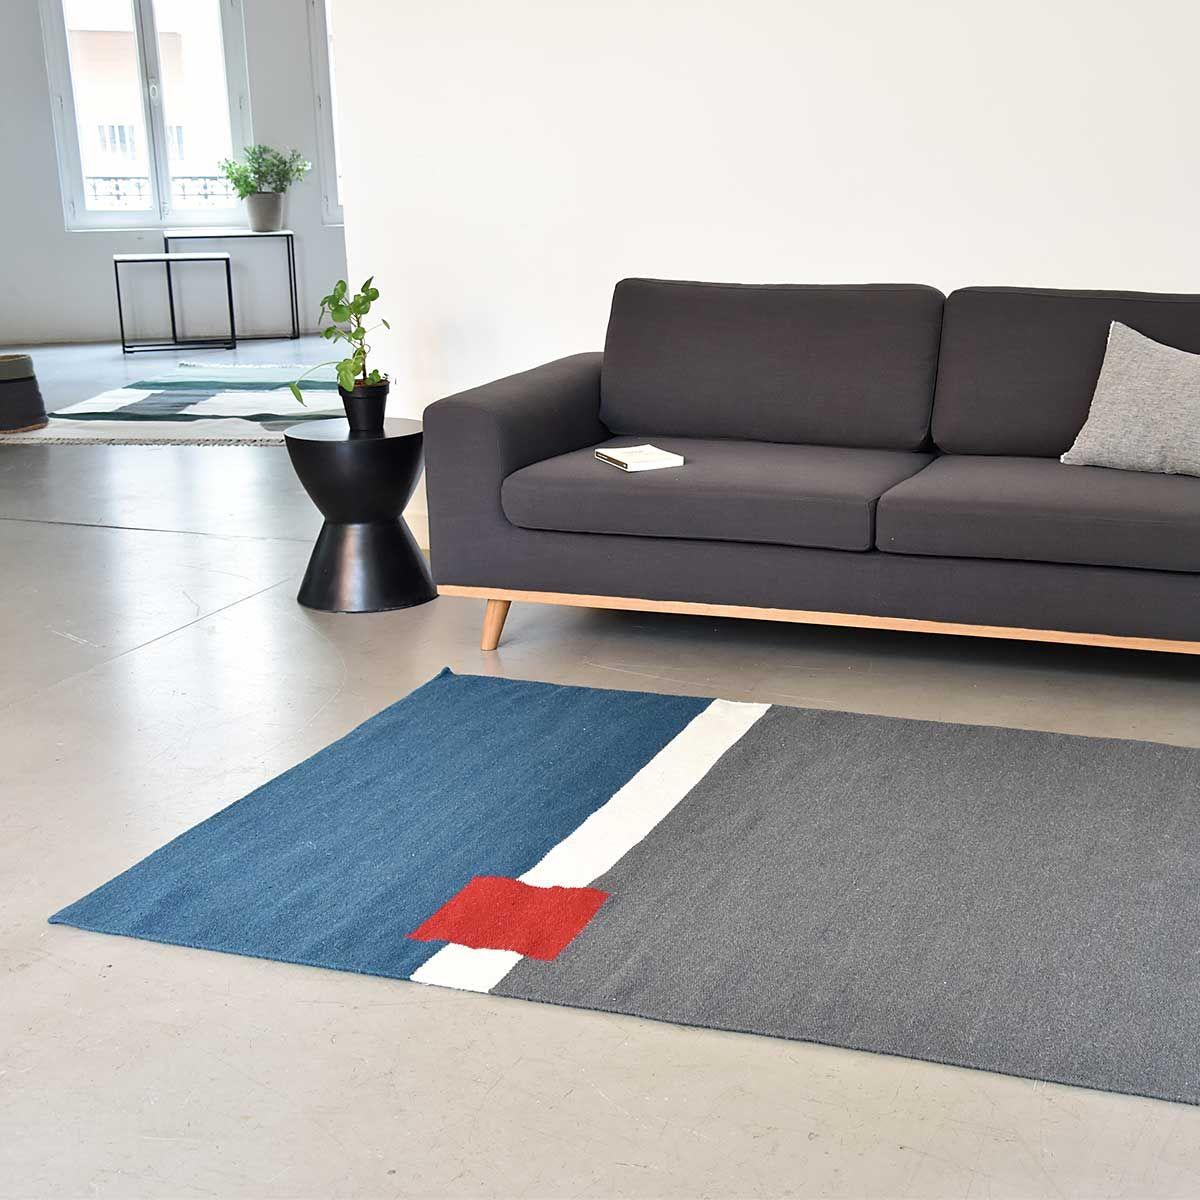 tapis gris bleu rouge